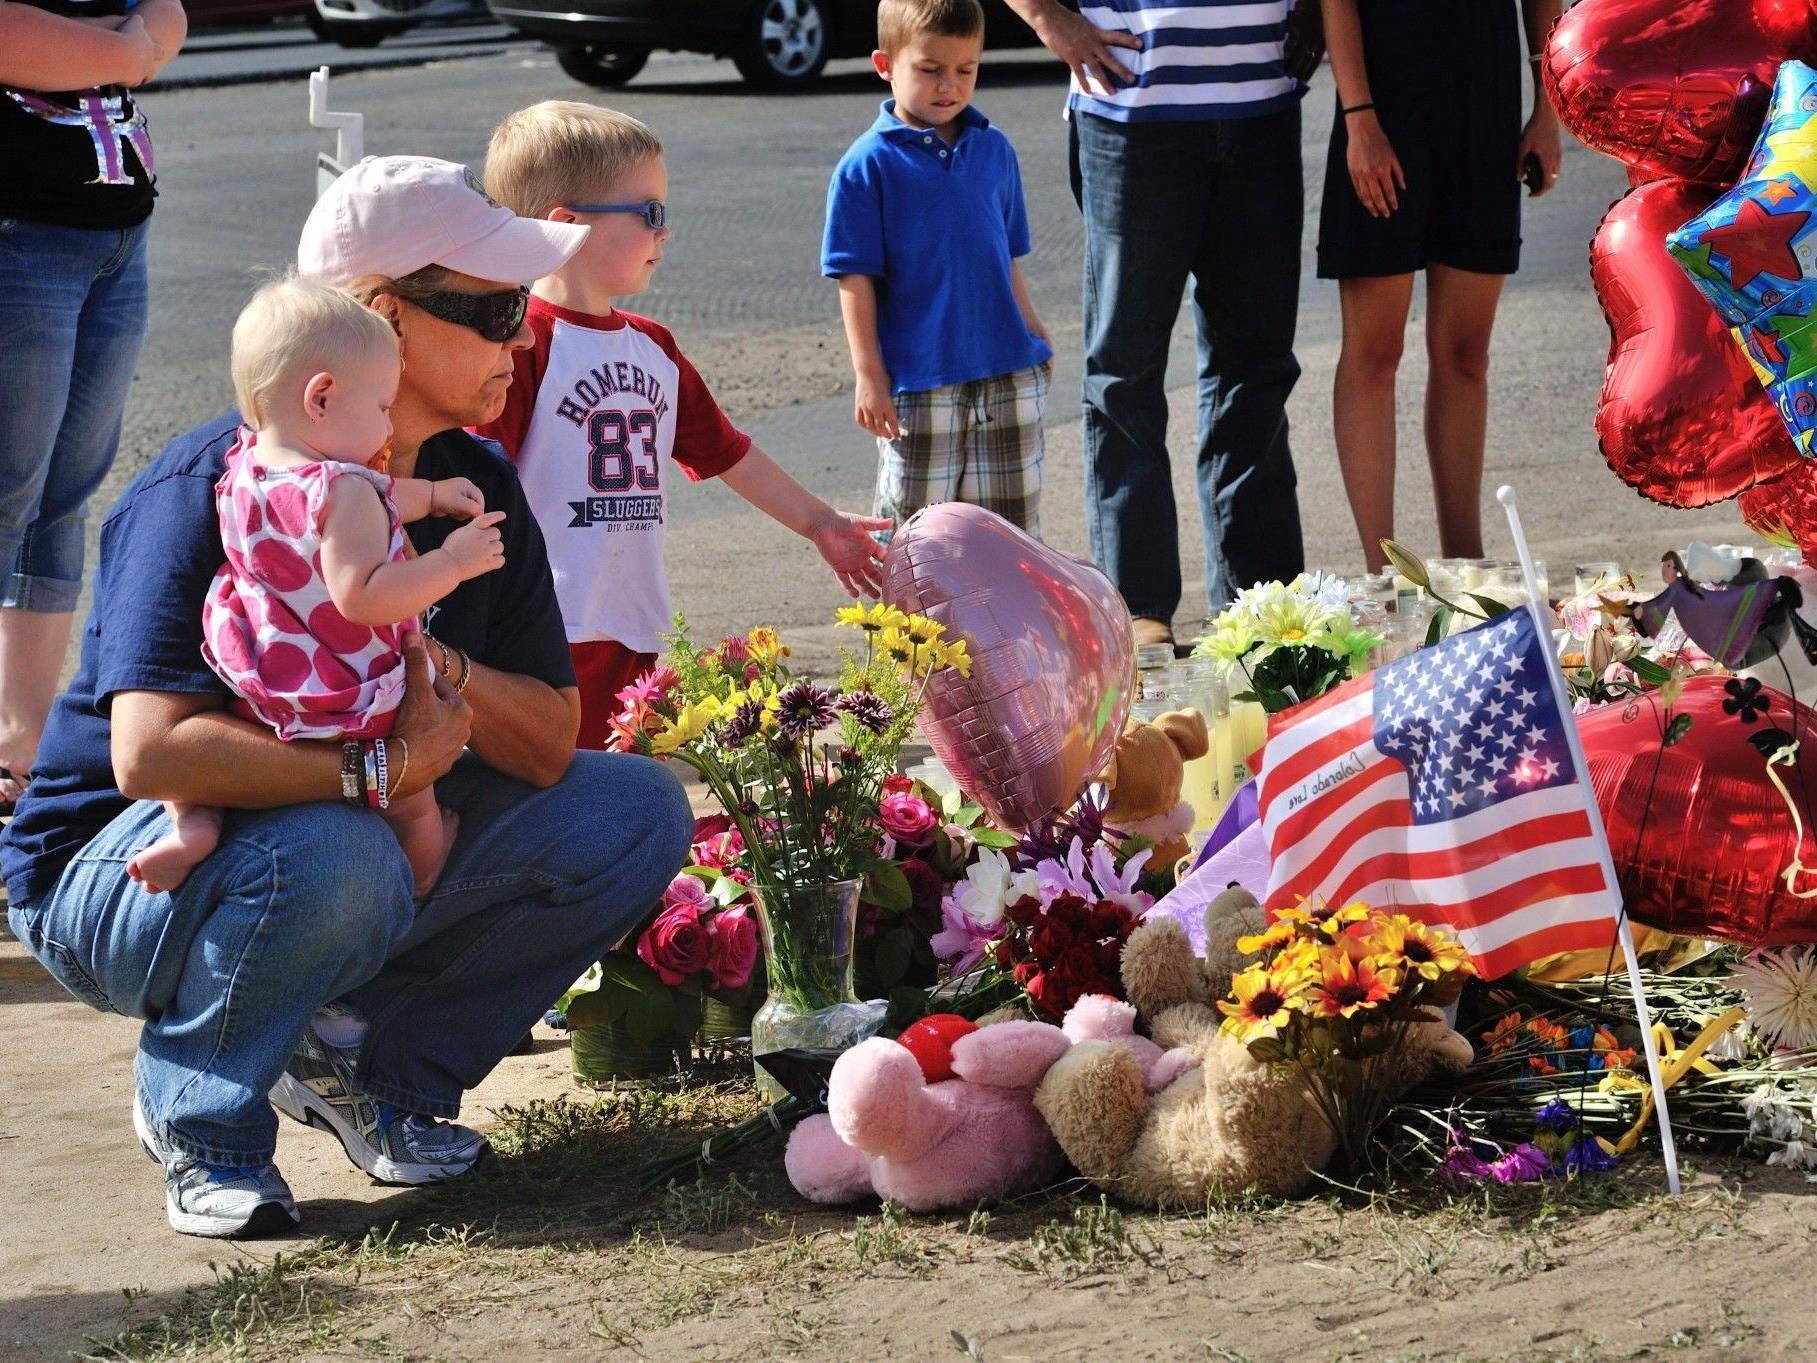 Die Menschen in Aurora in Colorado trauern um die 12 Opfer von James Holmes.